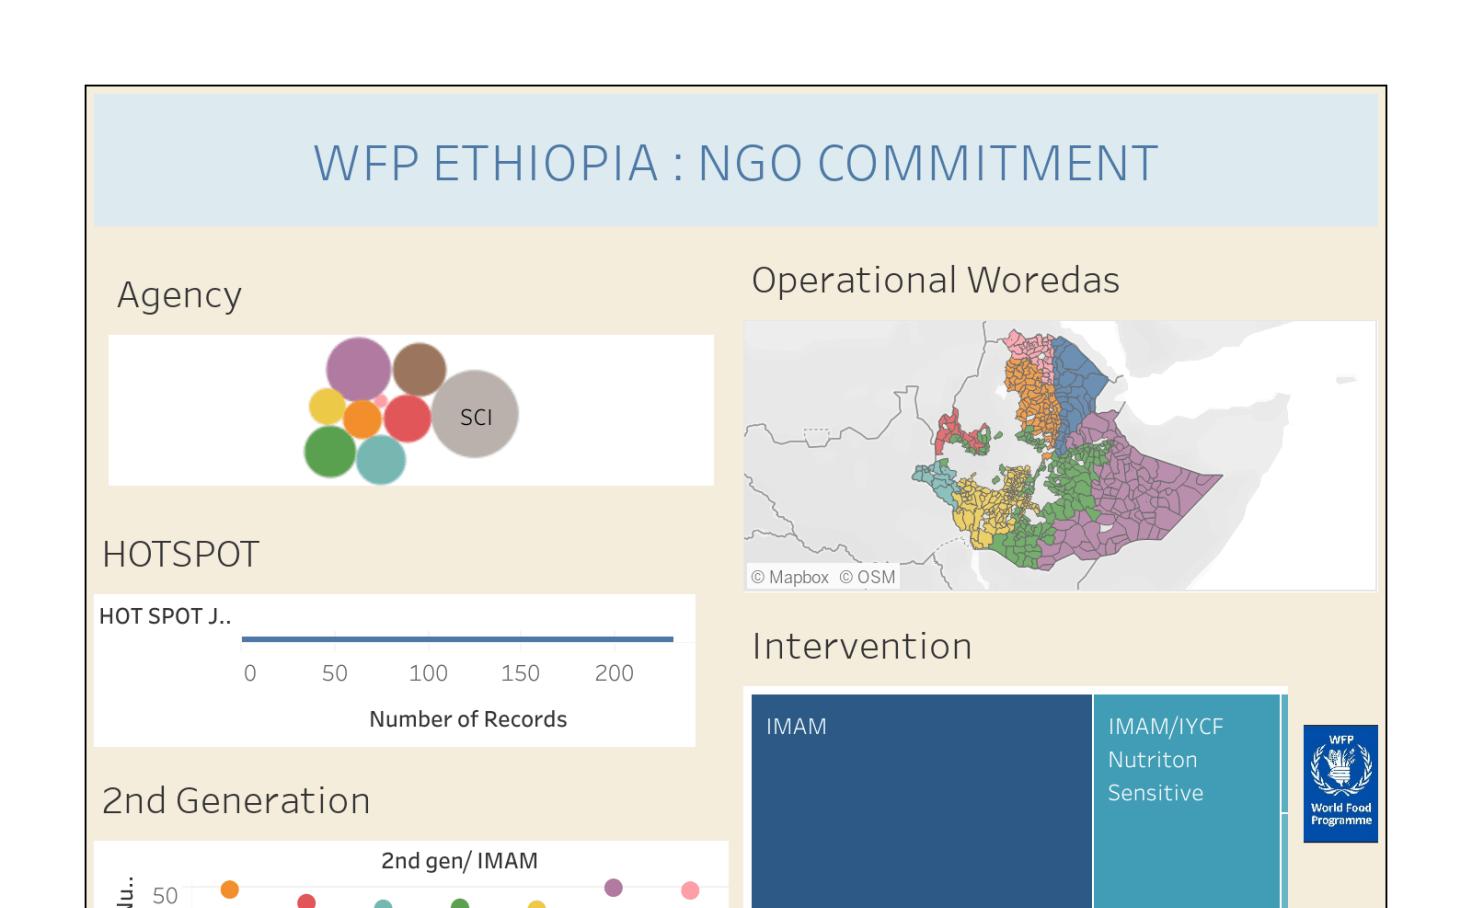 Wfp Ethiopia Ngo Commitment Worksheet